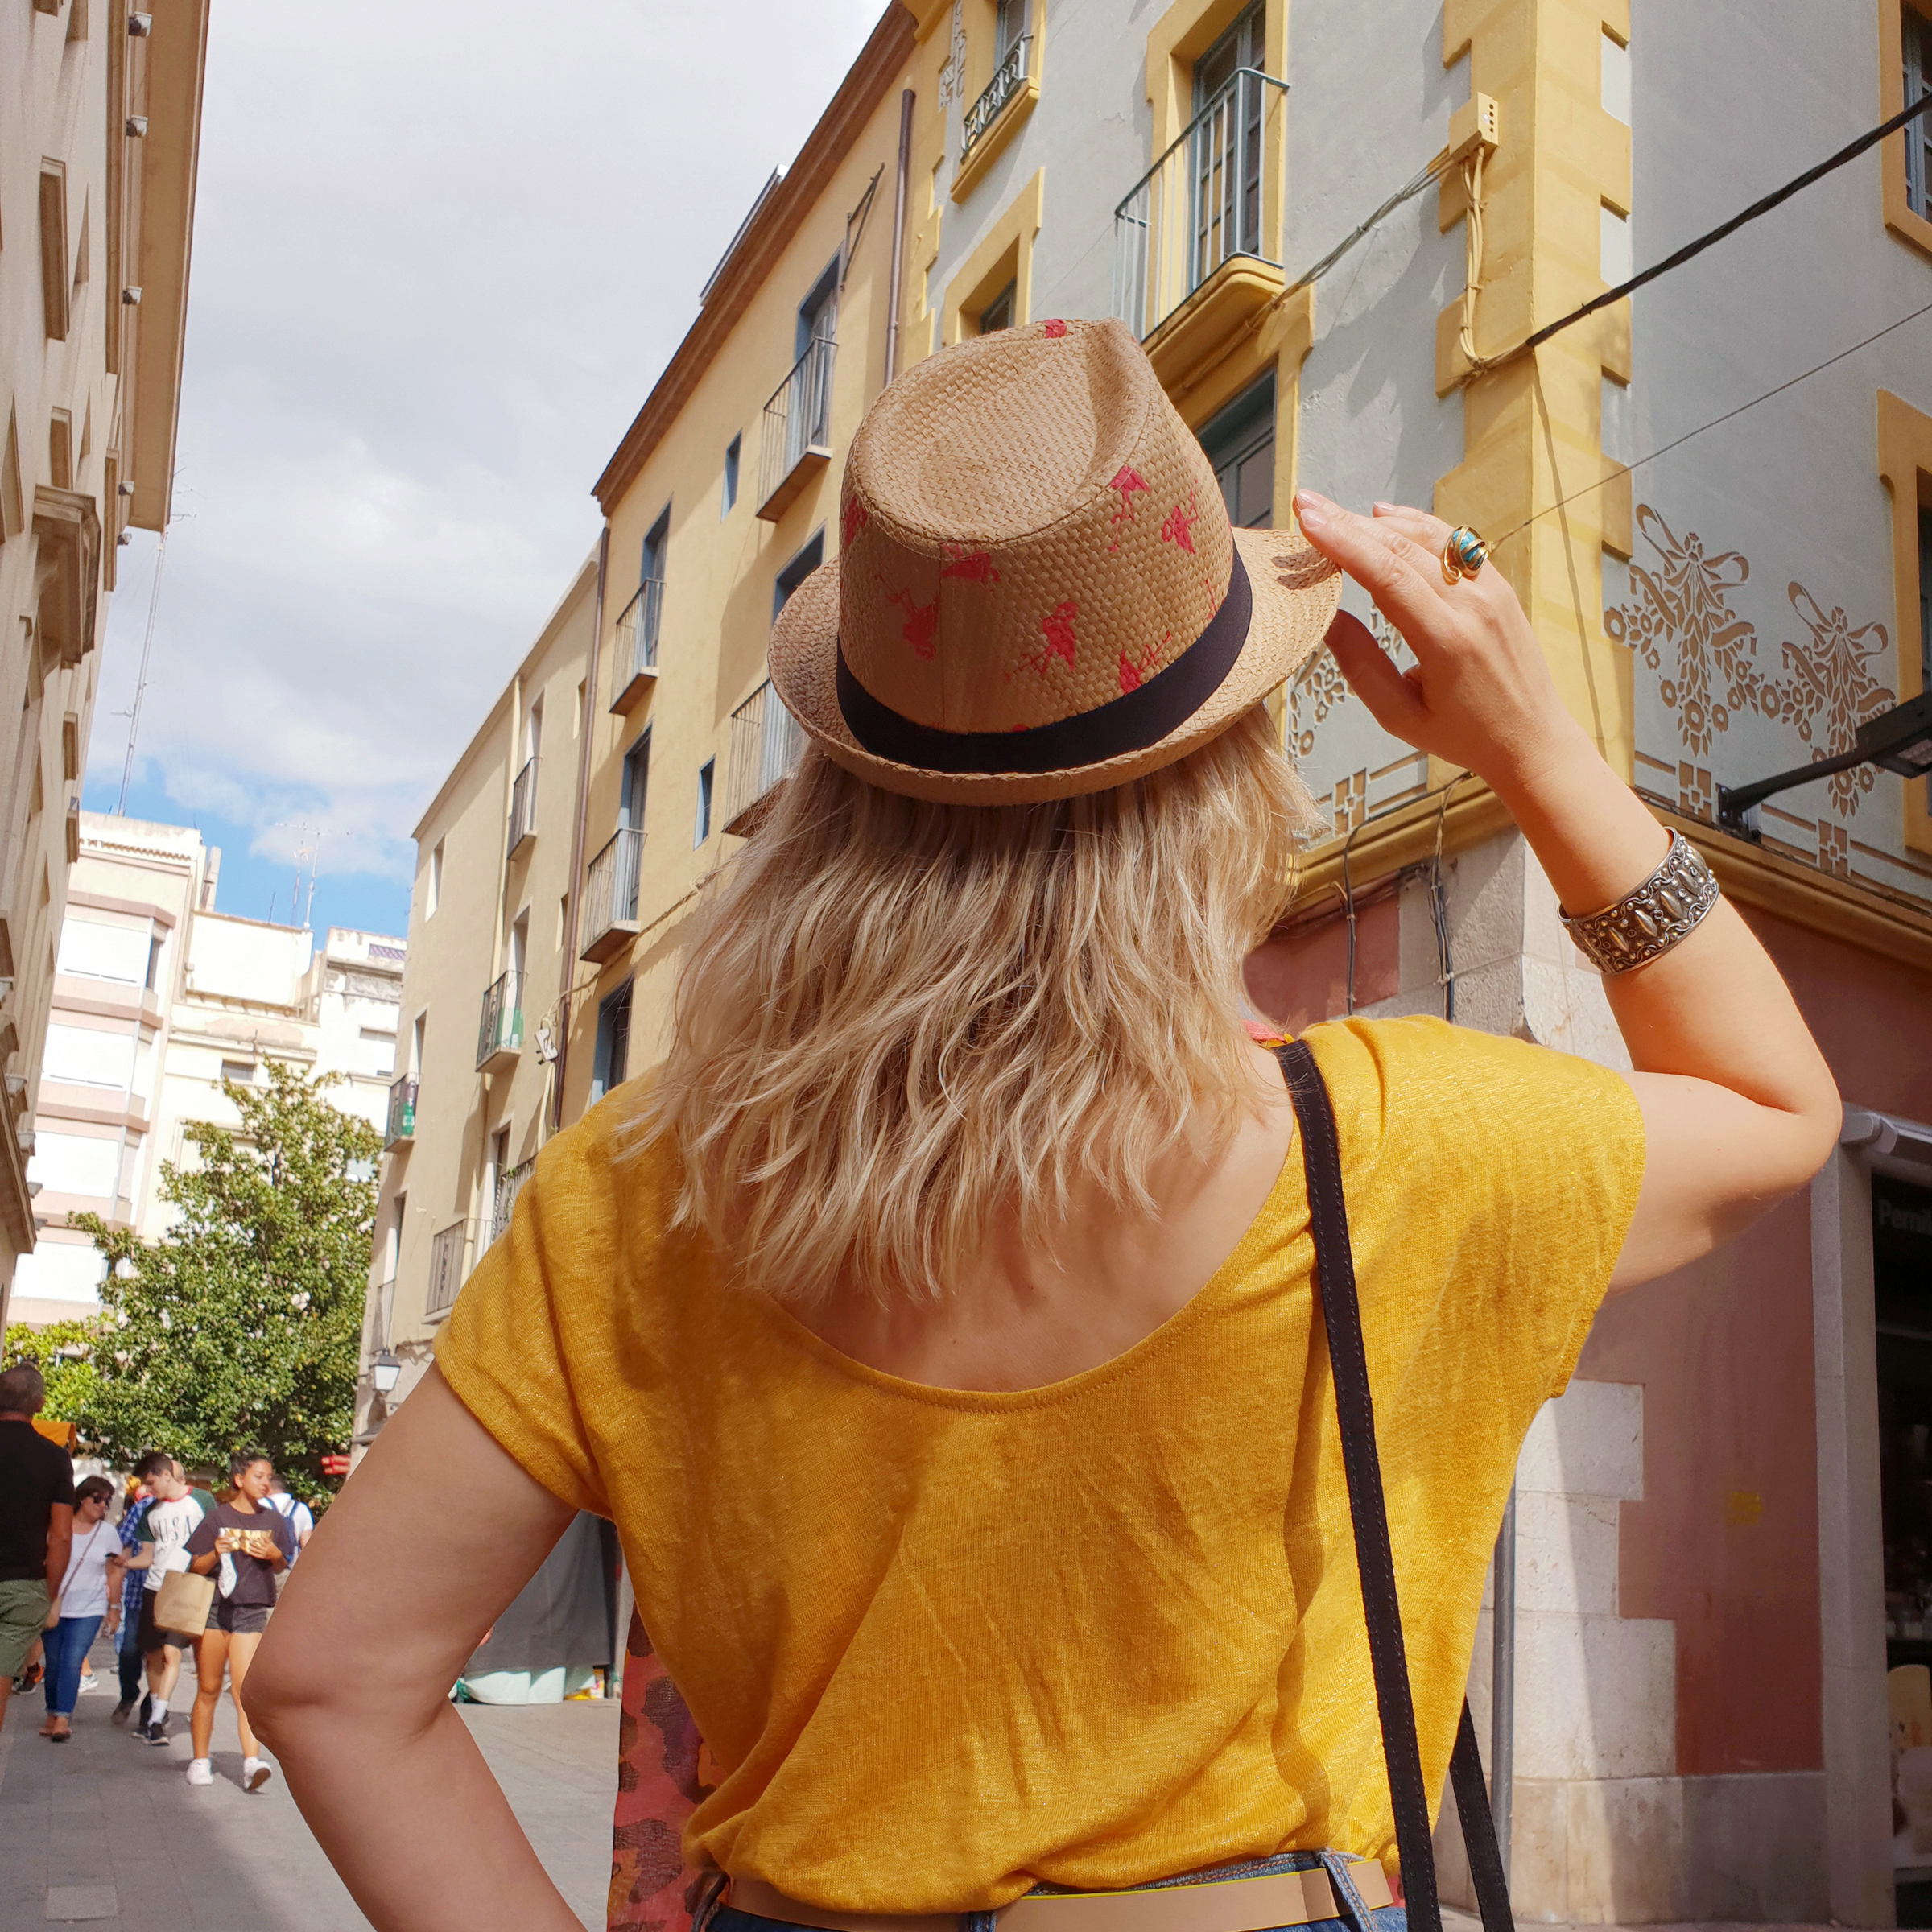 Dans les rues de Figueras